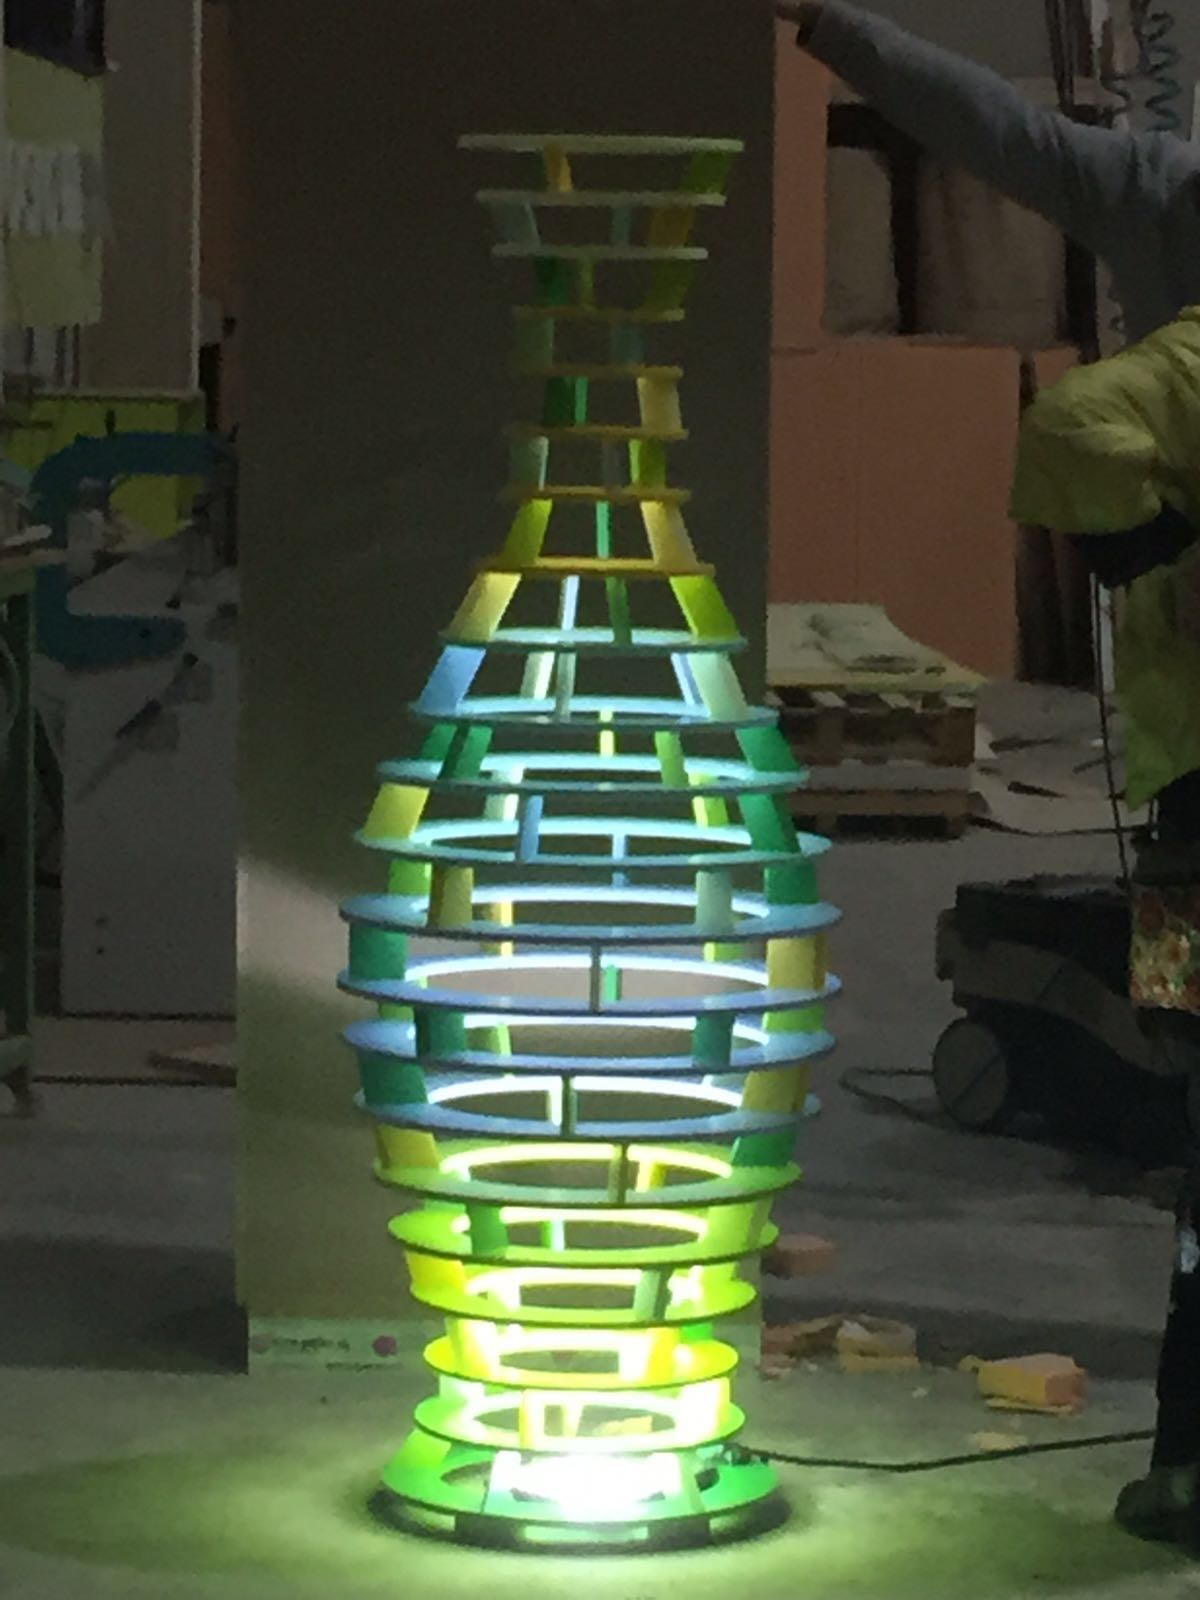 Escultura MUHER Philips Hong Kong 6 [:es]Muher crea una escultura Feng Shui para la sede de Philips en Hong Kong[:]